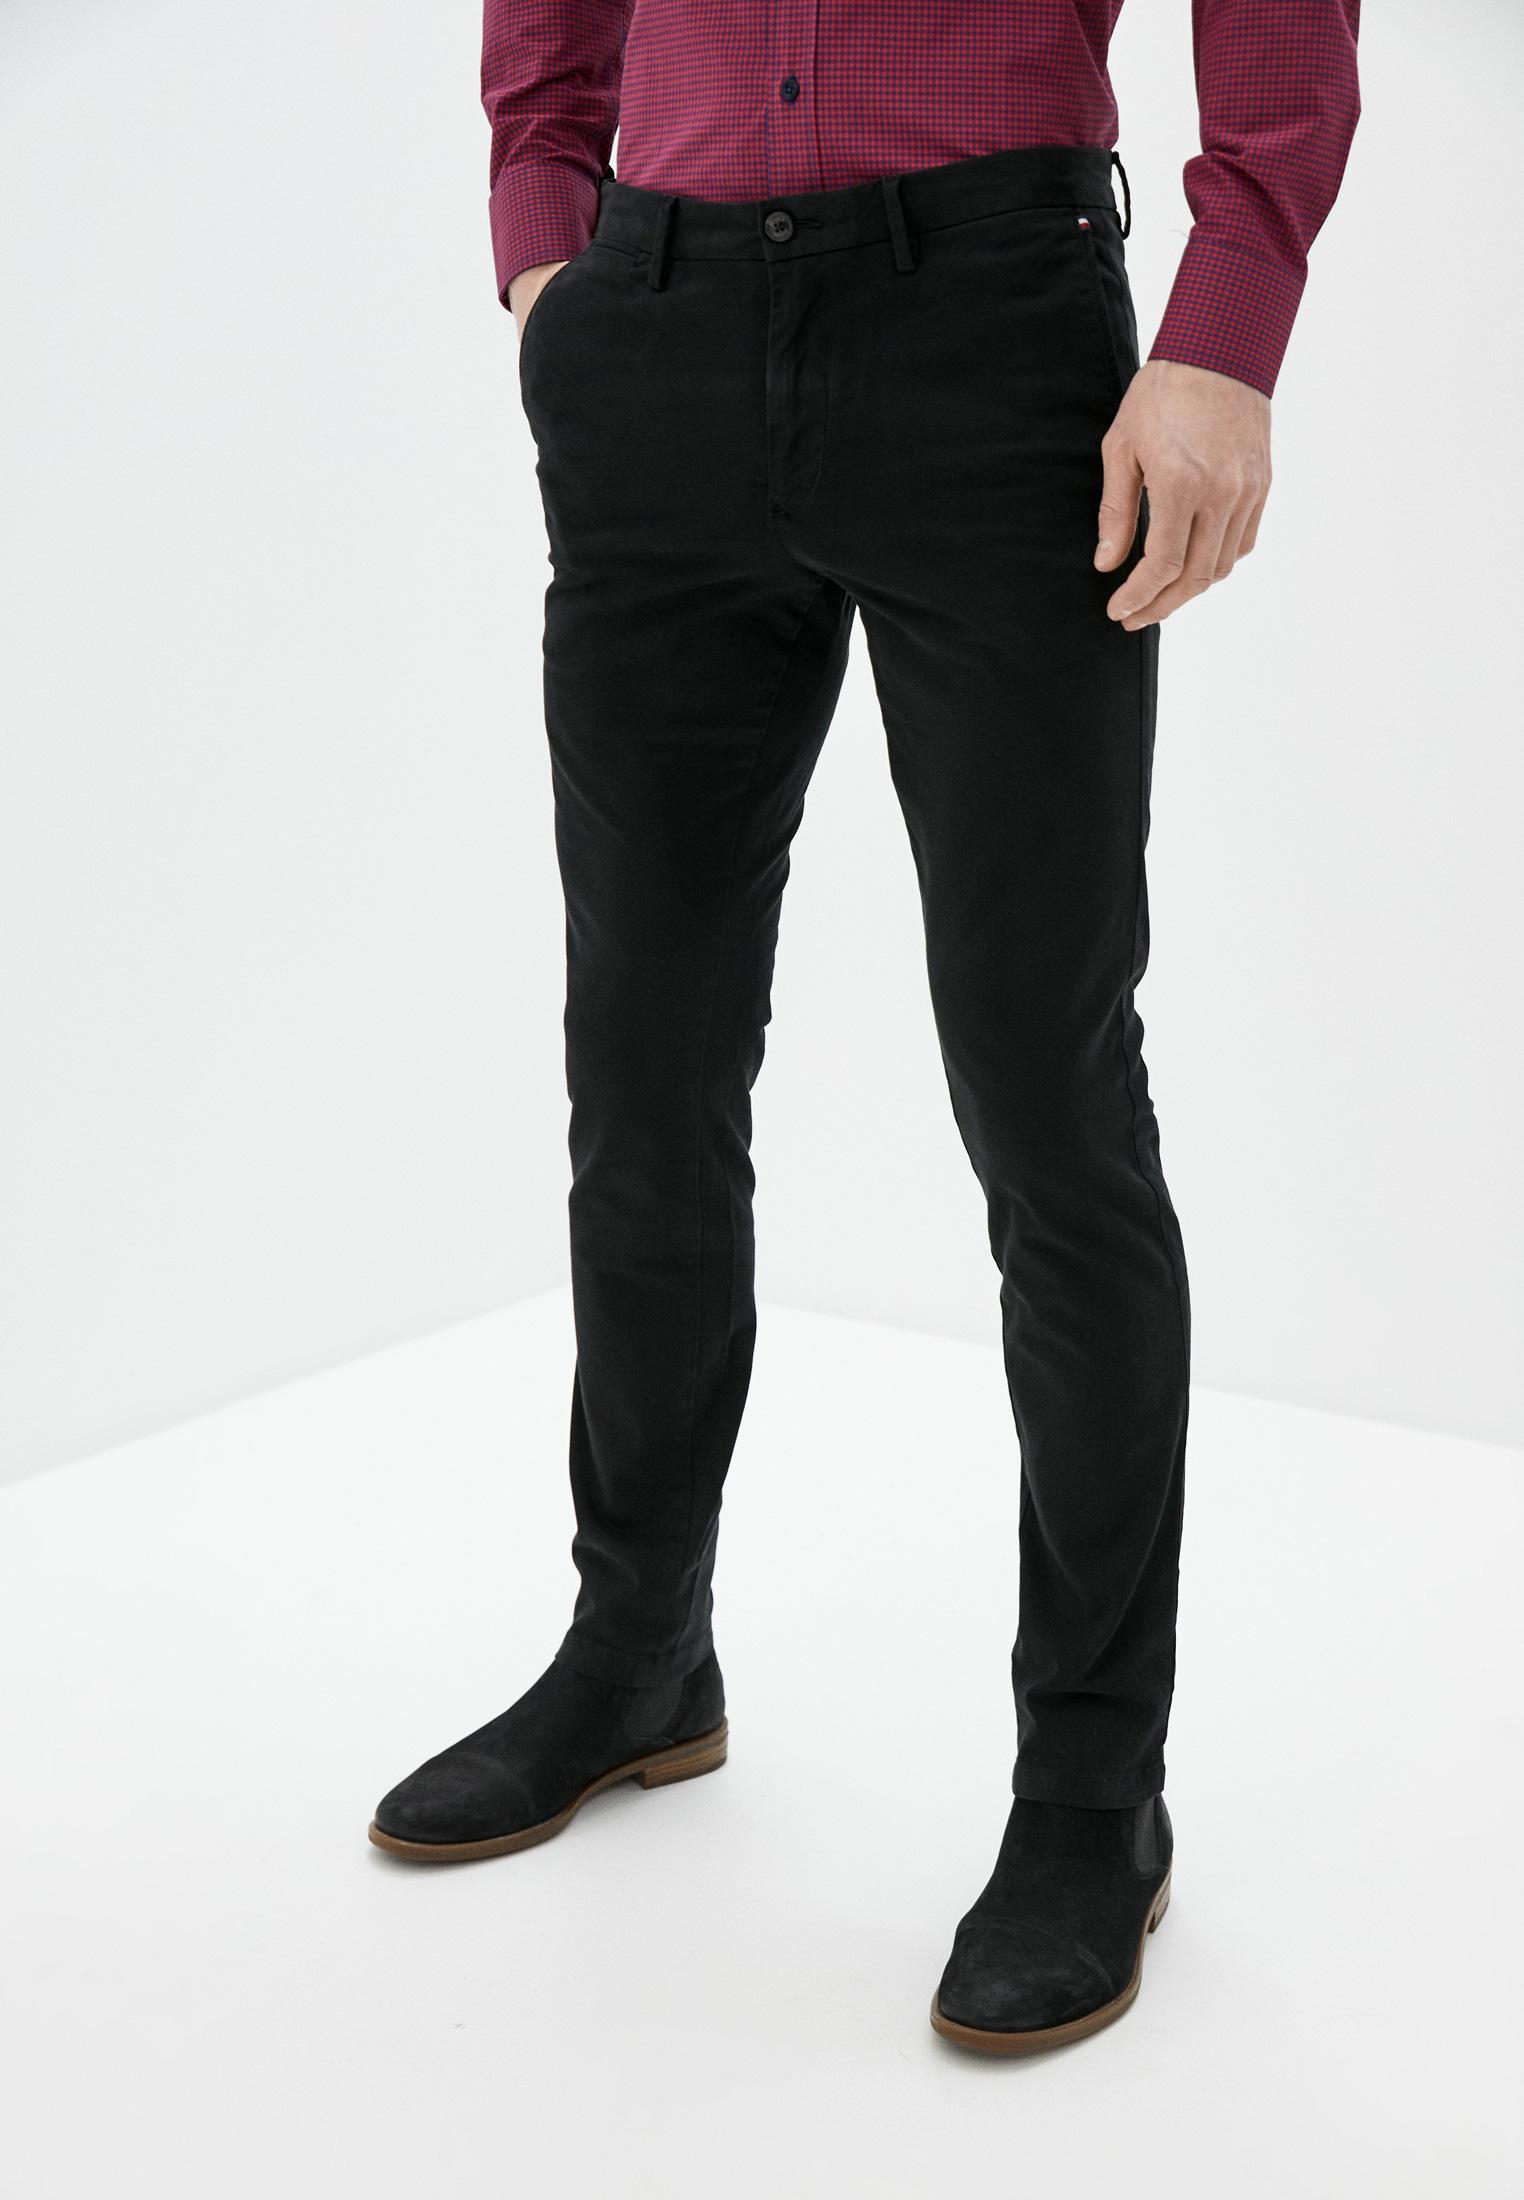 Мужские повседневные брюки Tommy Hilfiger (Томми Хилфигер) Брюки Tommy Hilfiger